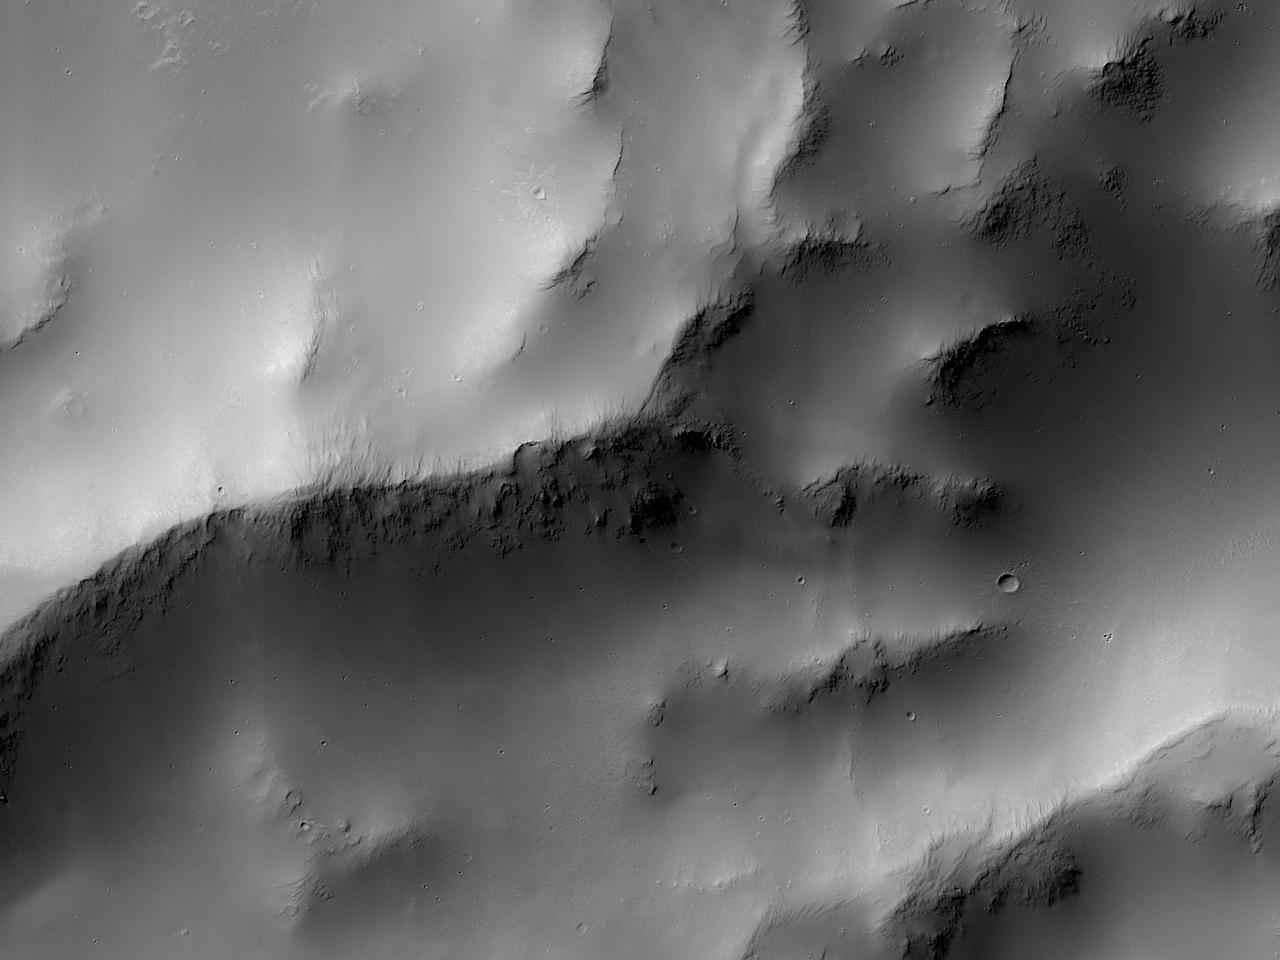 Край большого разрушенного ударного кратера